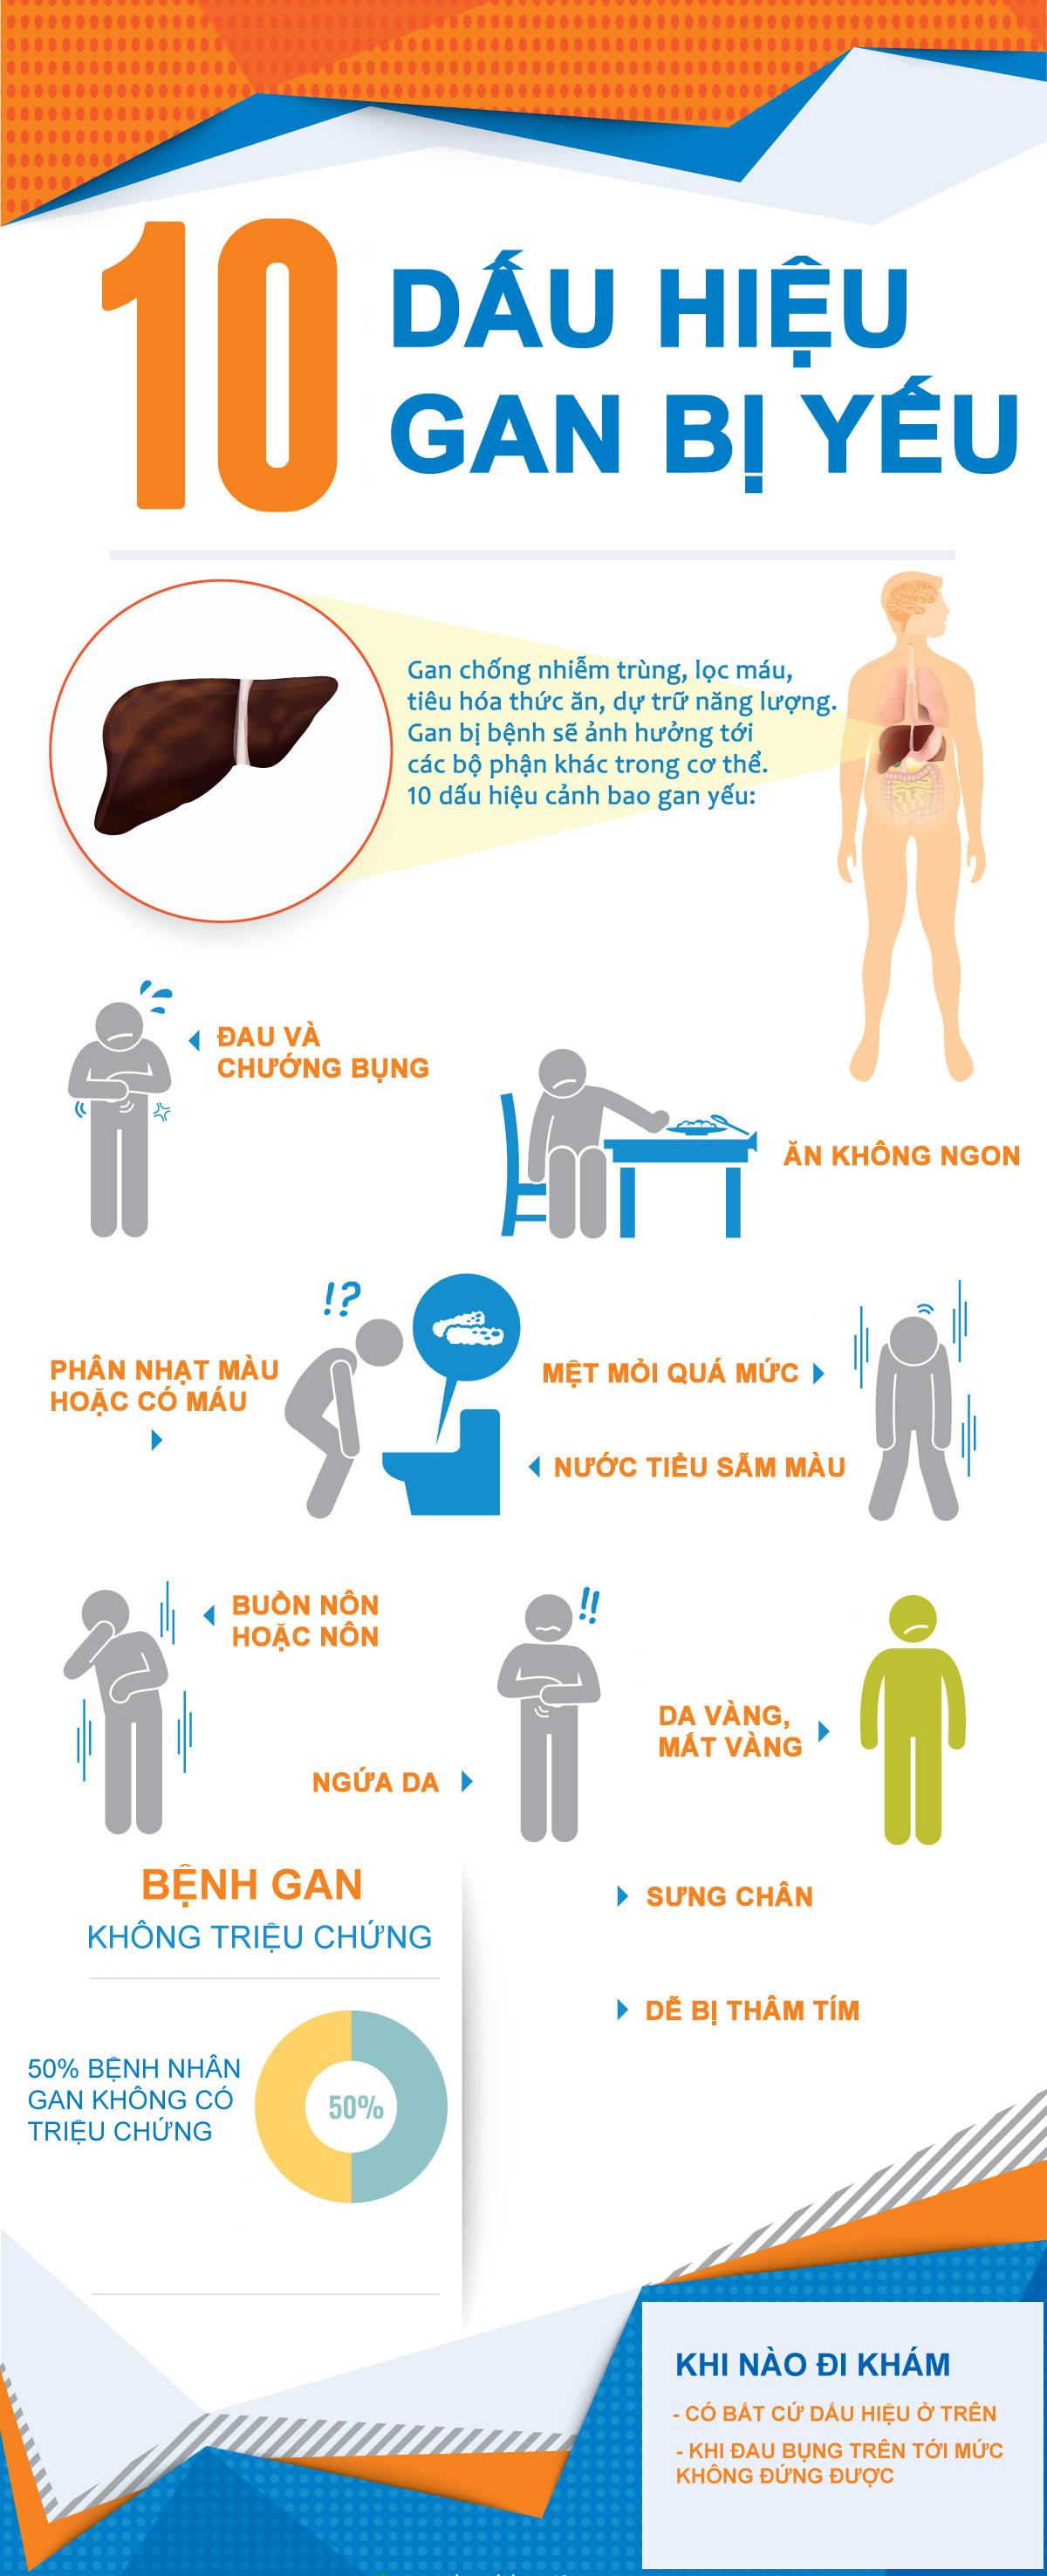 Các dấu hiệu thấy rõ cảnh báo người bị bệnh gan